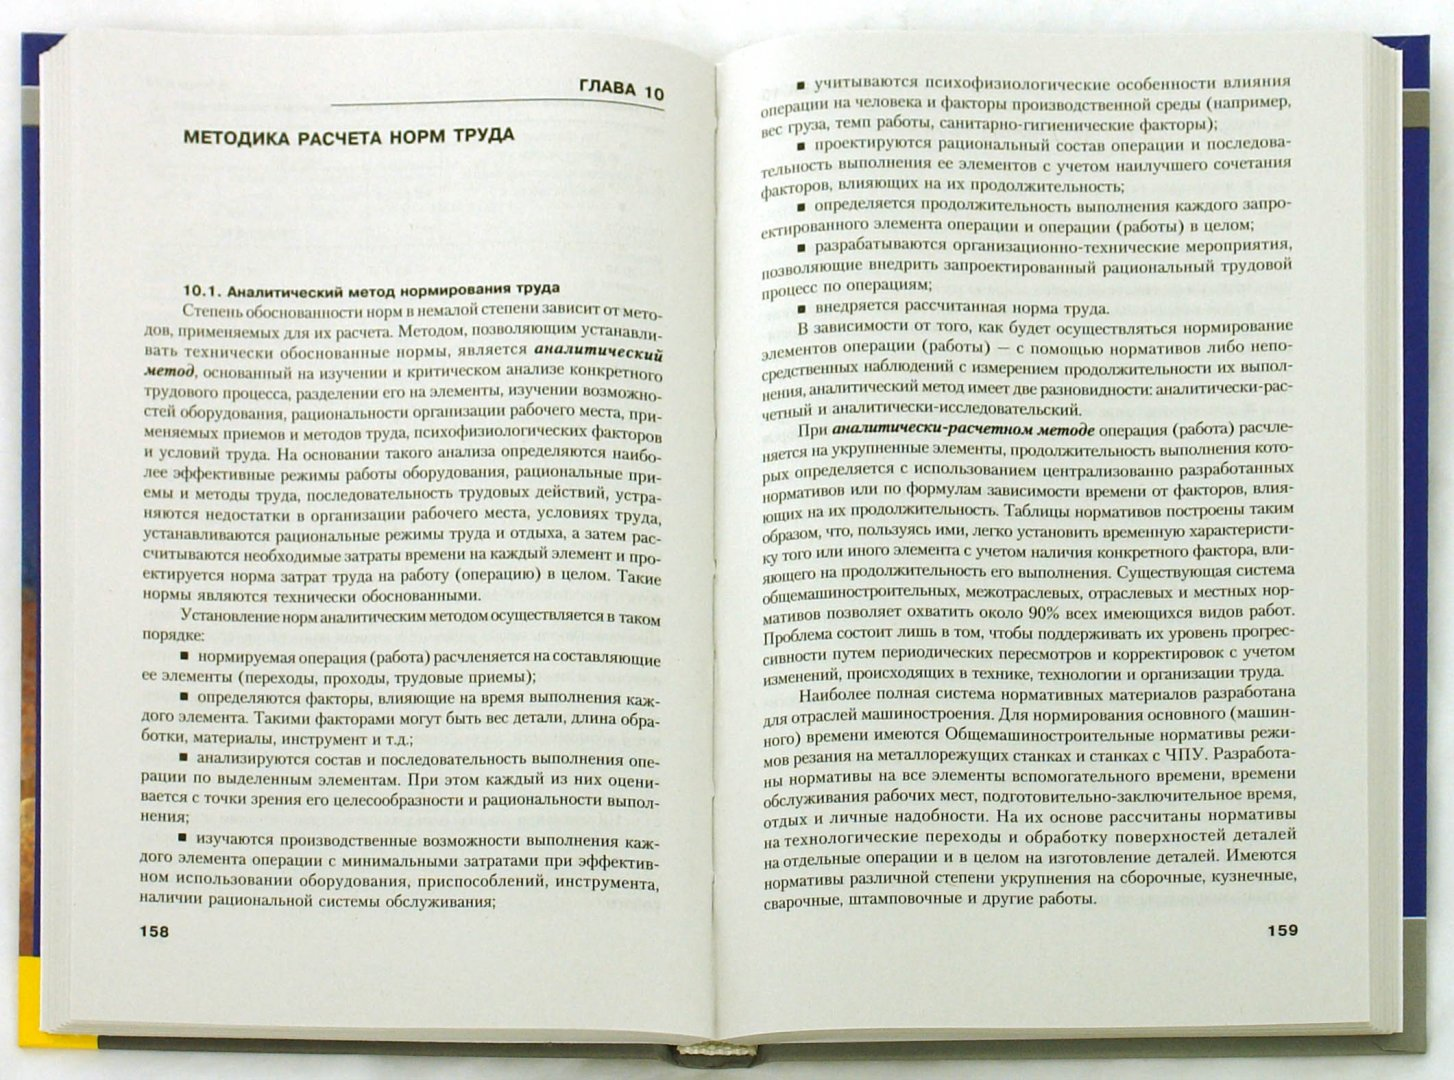 Иллюстрация 1 из 10 для Организация, нормирование и оплата труда на предприятии. Учебно-практическое пособие - Валерий Пашуто | Лабиринт - книги. Источник: Лабиринт